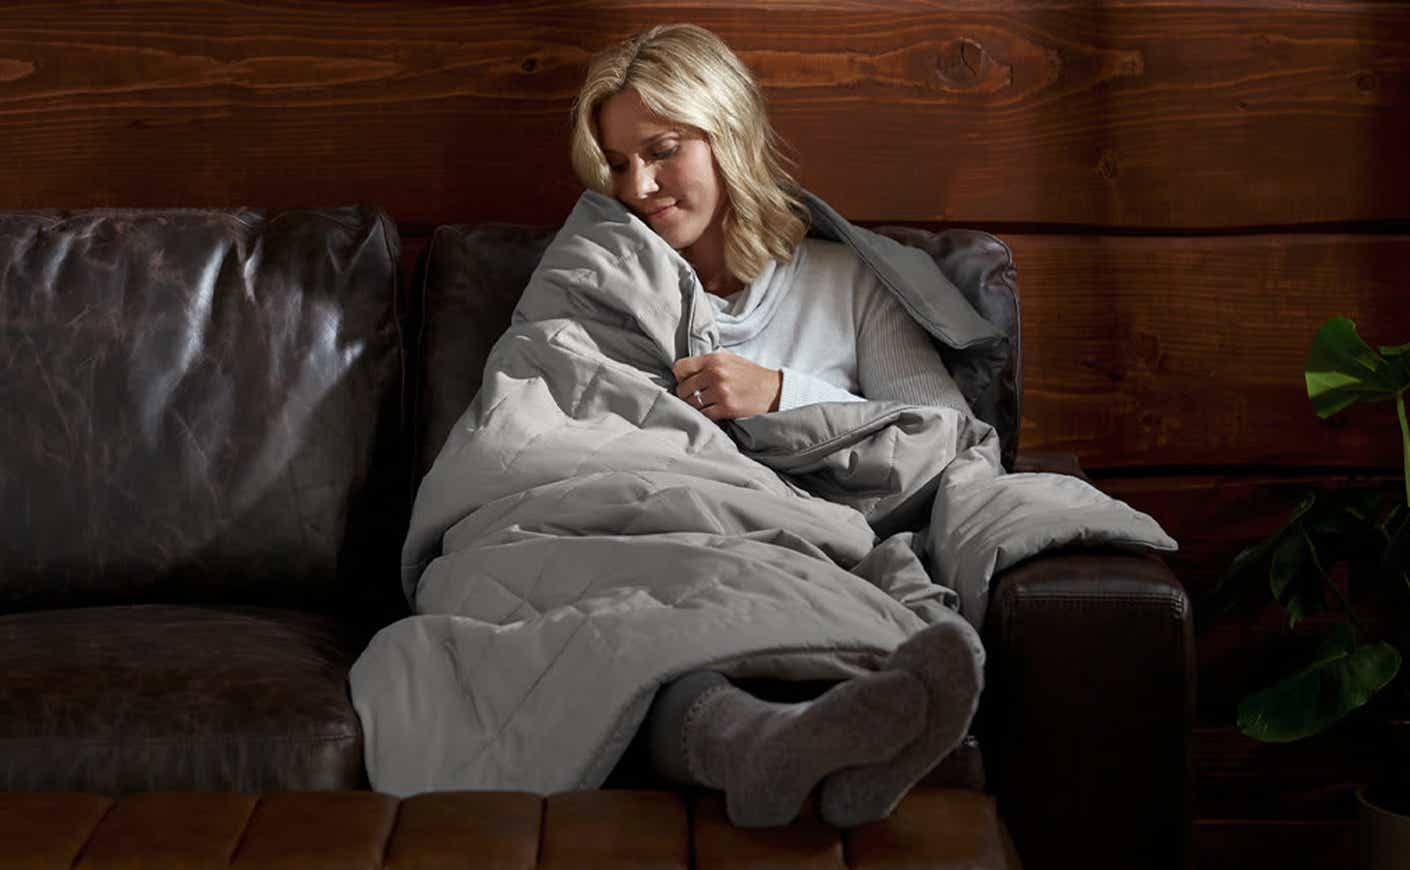 sleep number weighted blanket